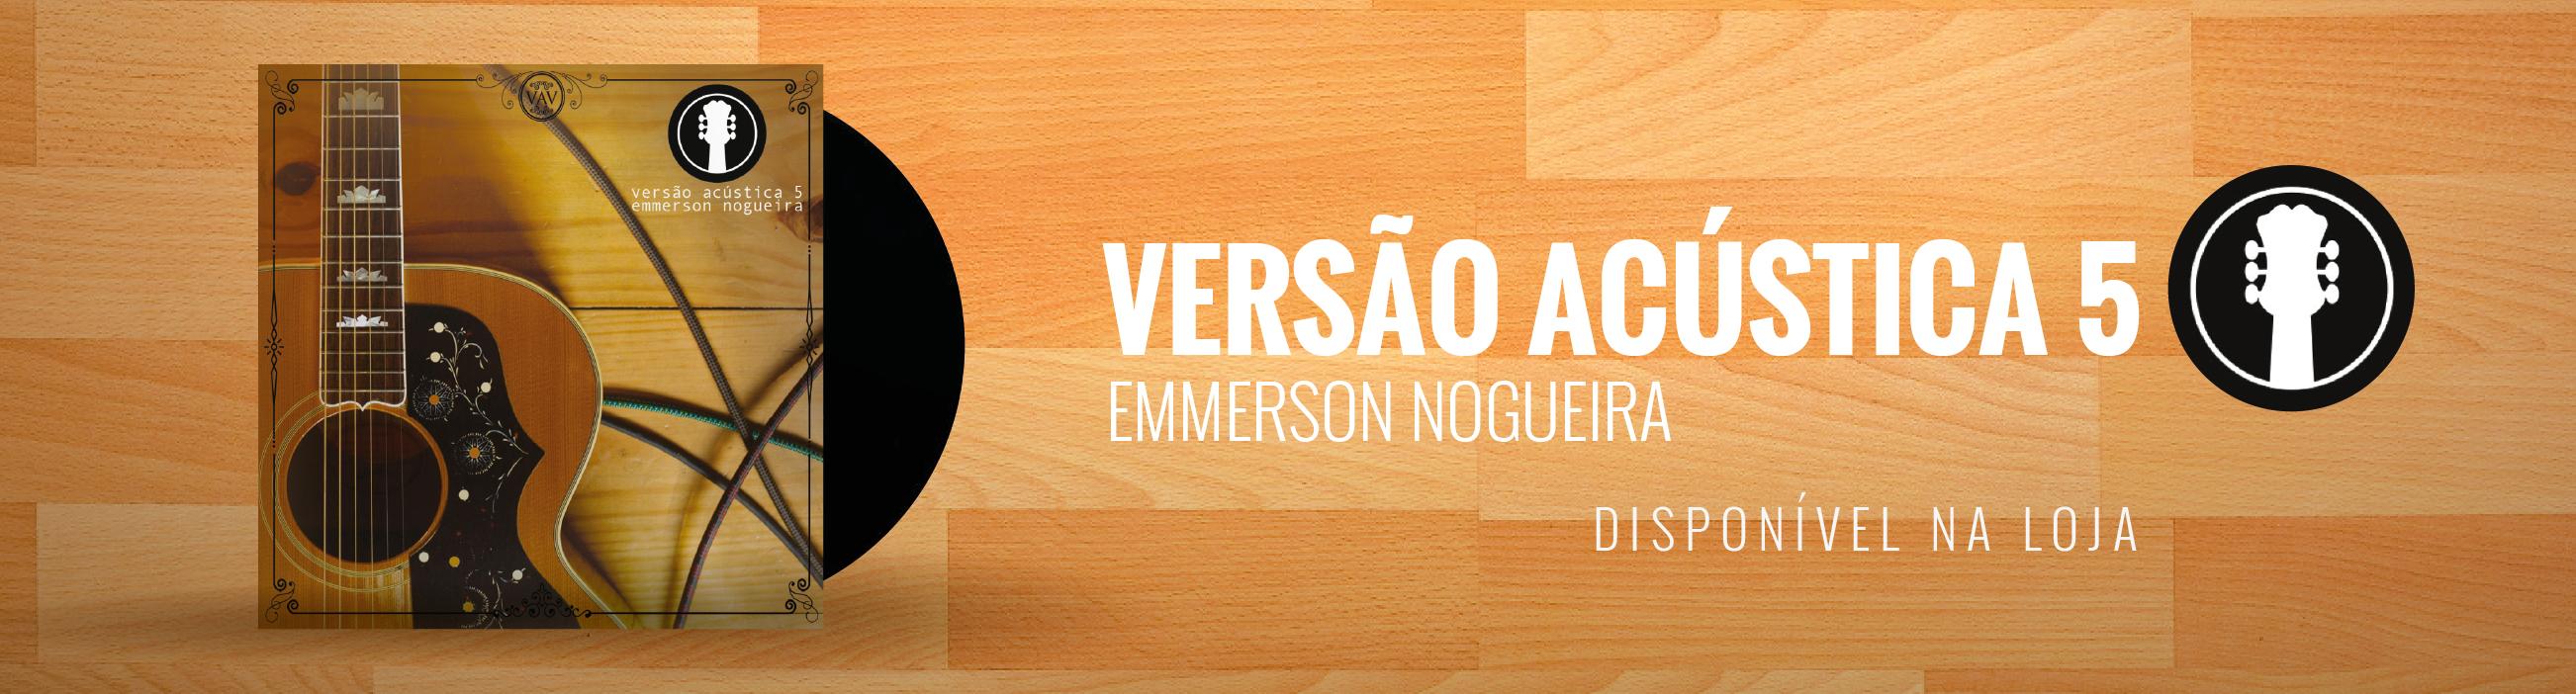 Lps Emmerson Nogueira Versão Acústica 5